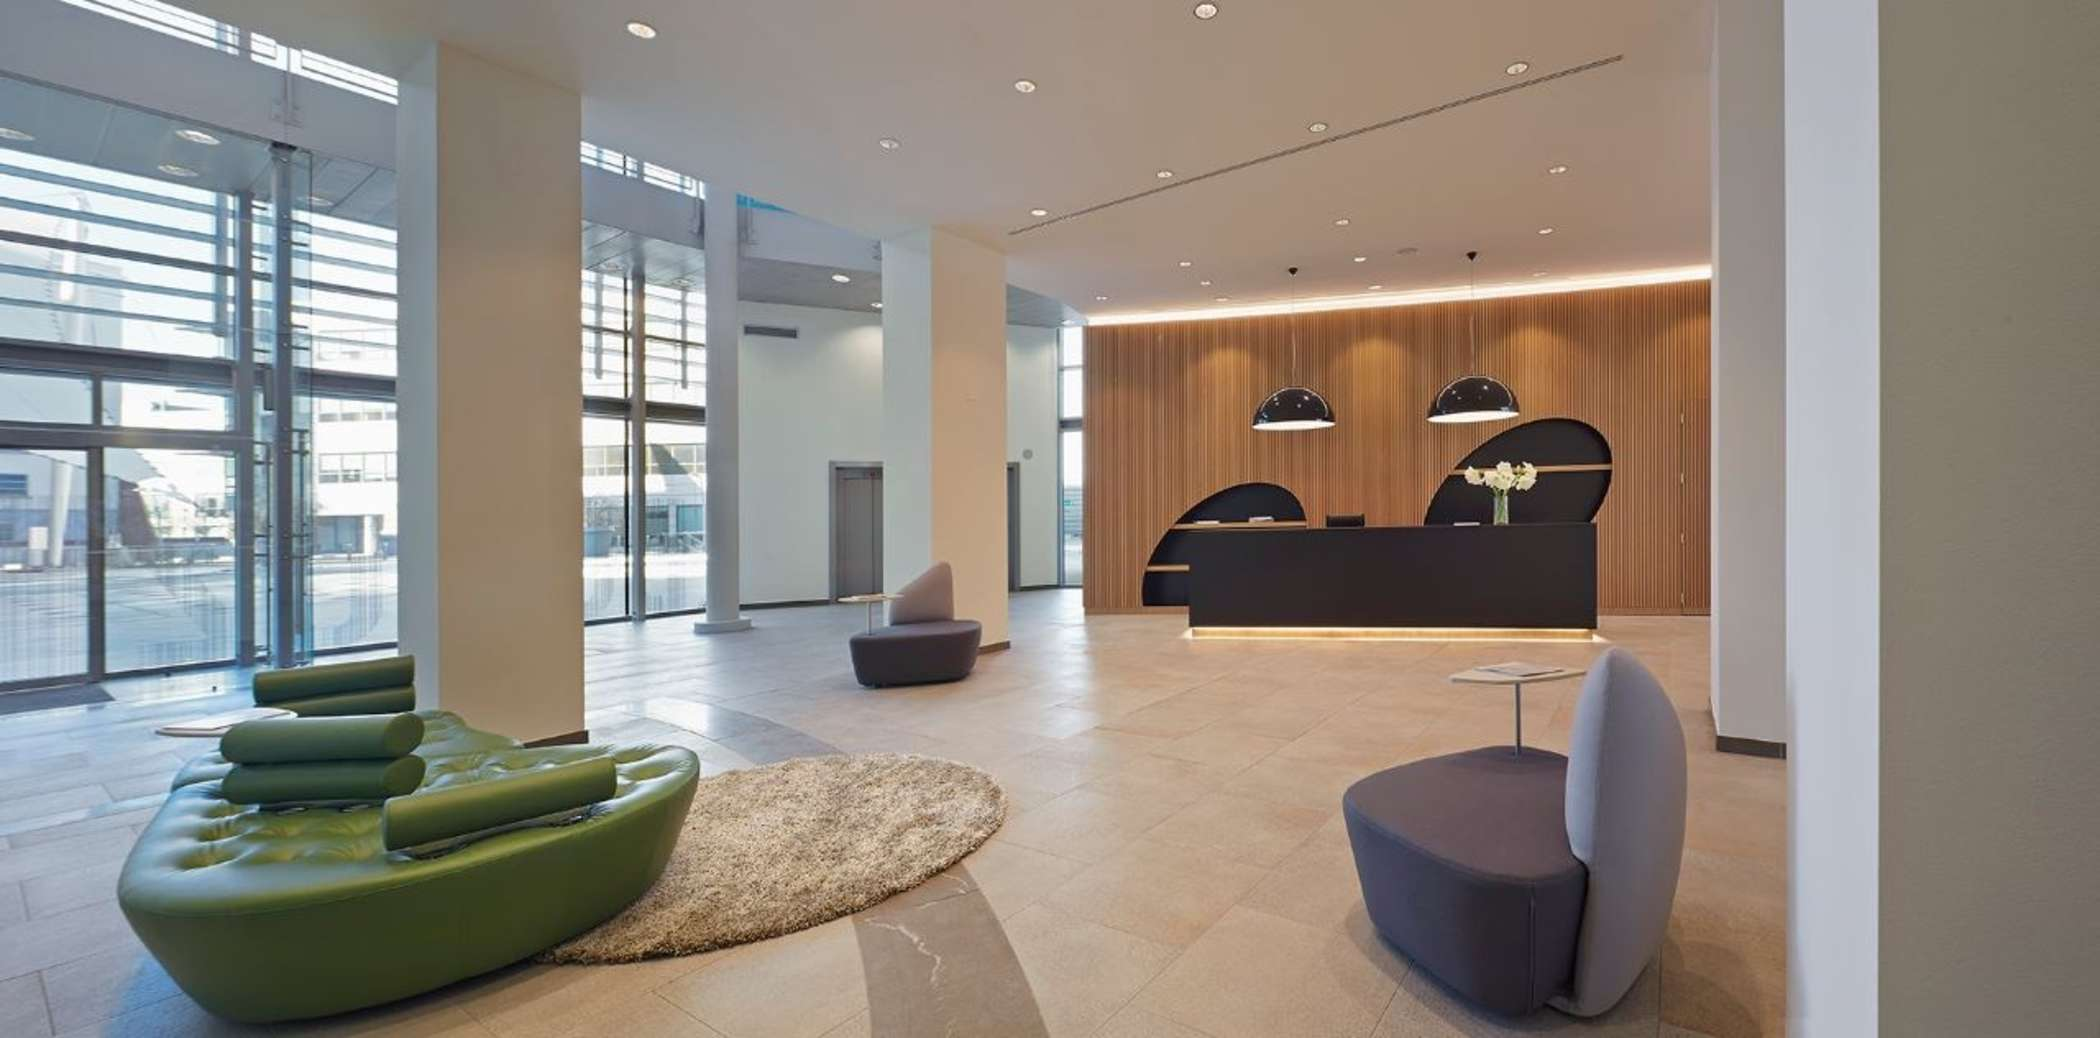 Bodio 3 uffici immobili per in locazione jll for Uffici a milano